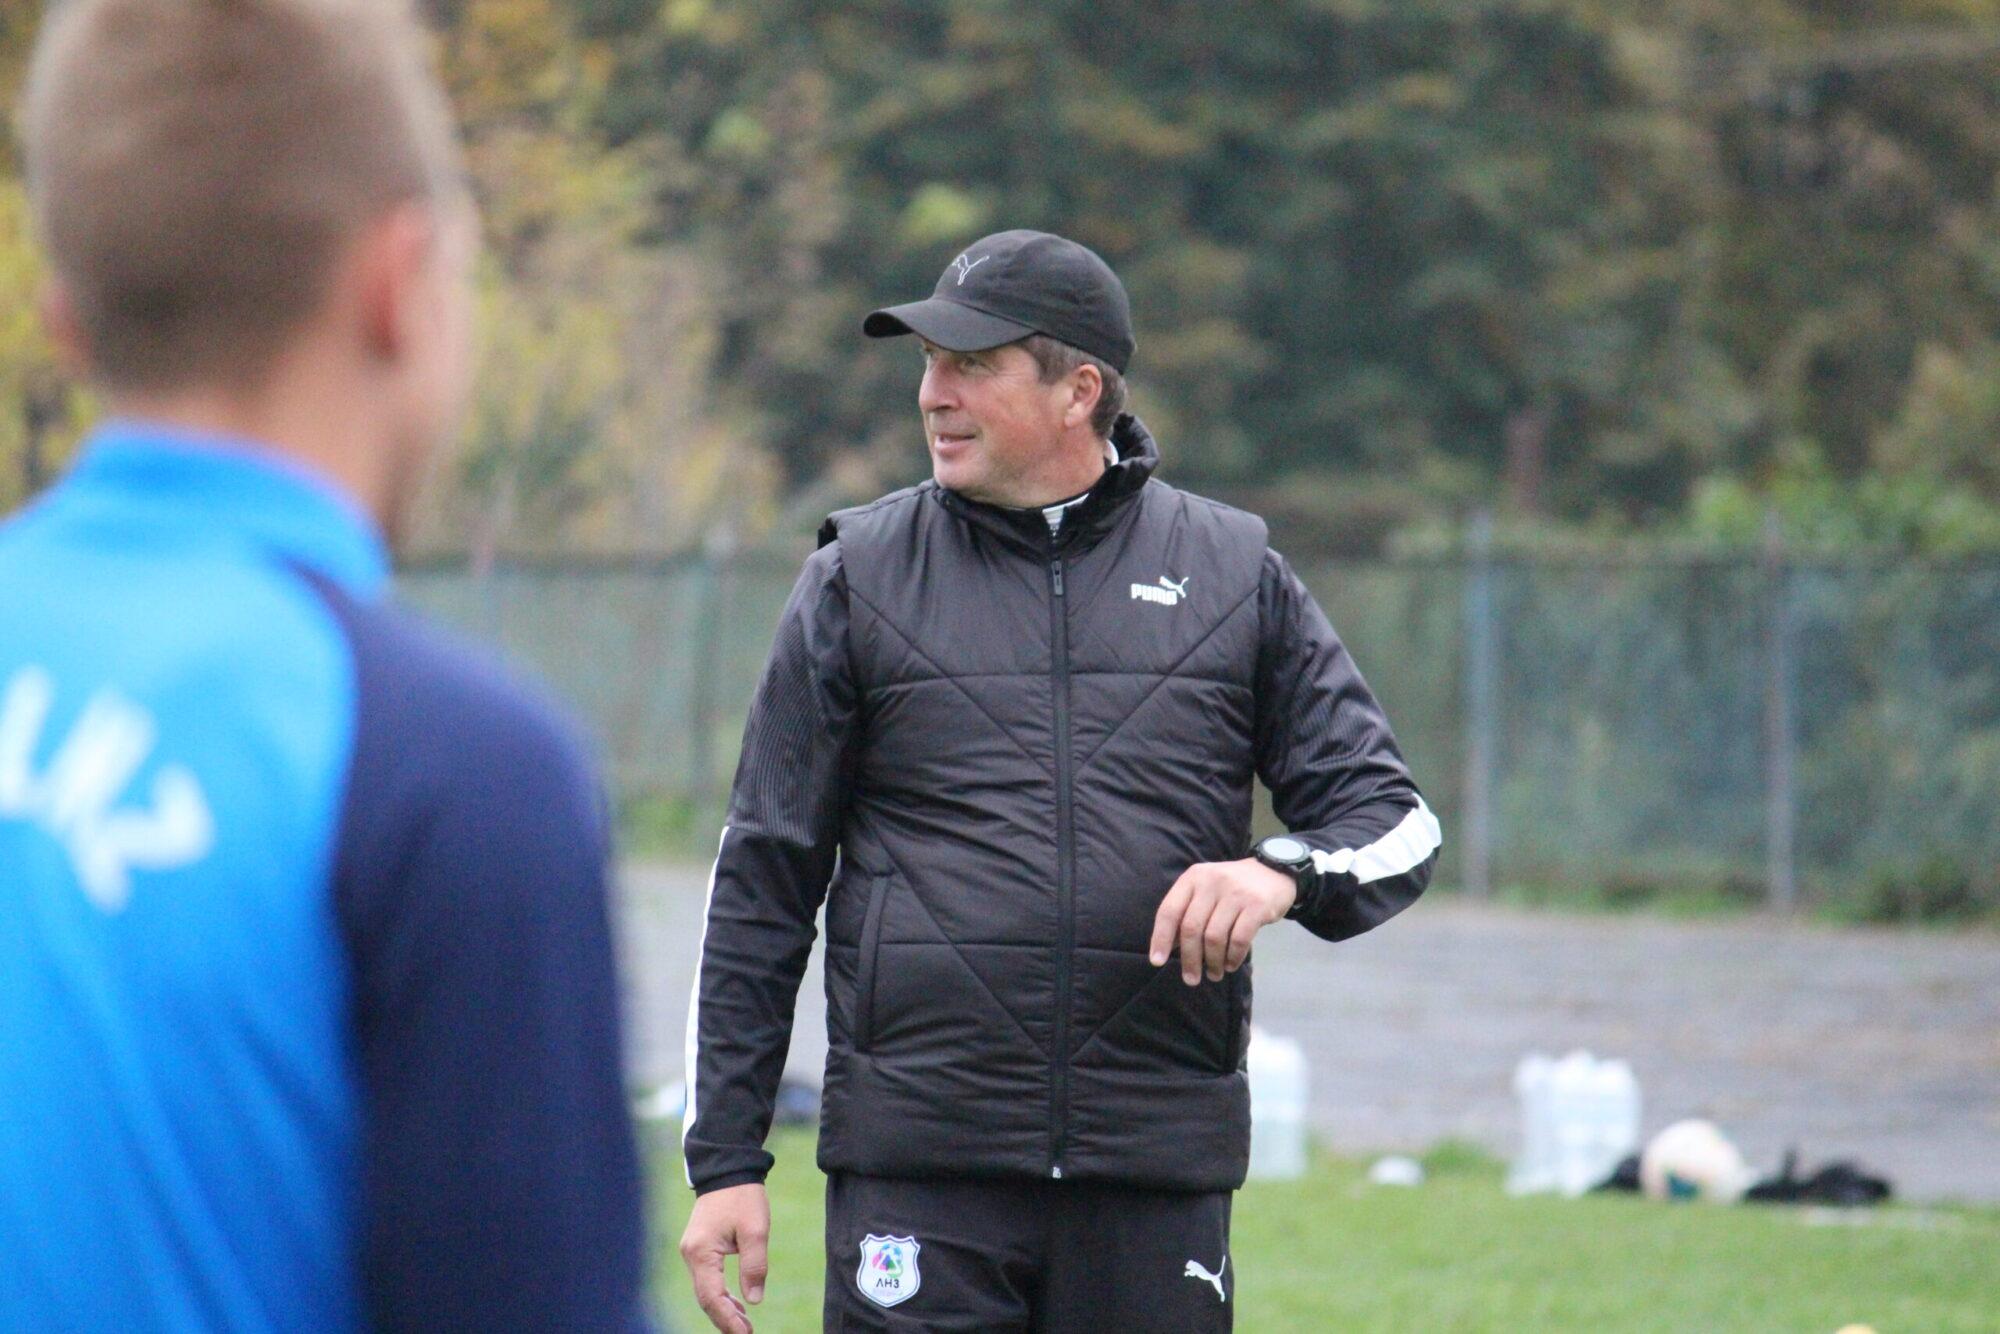 Юрій Бакалов пояснив, чому клуб припинив співпрацю з Листопадом